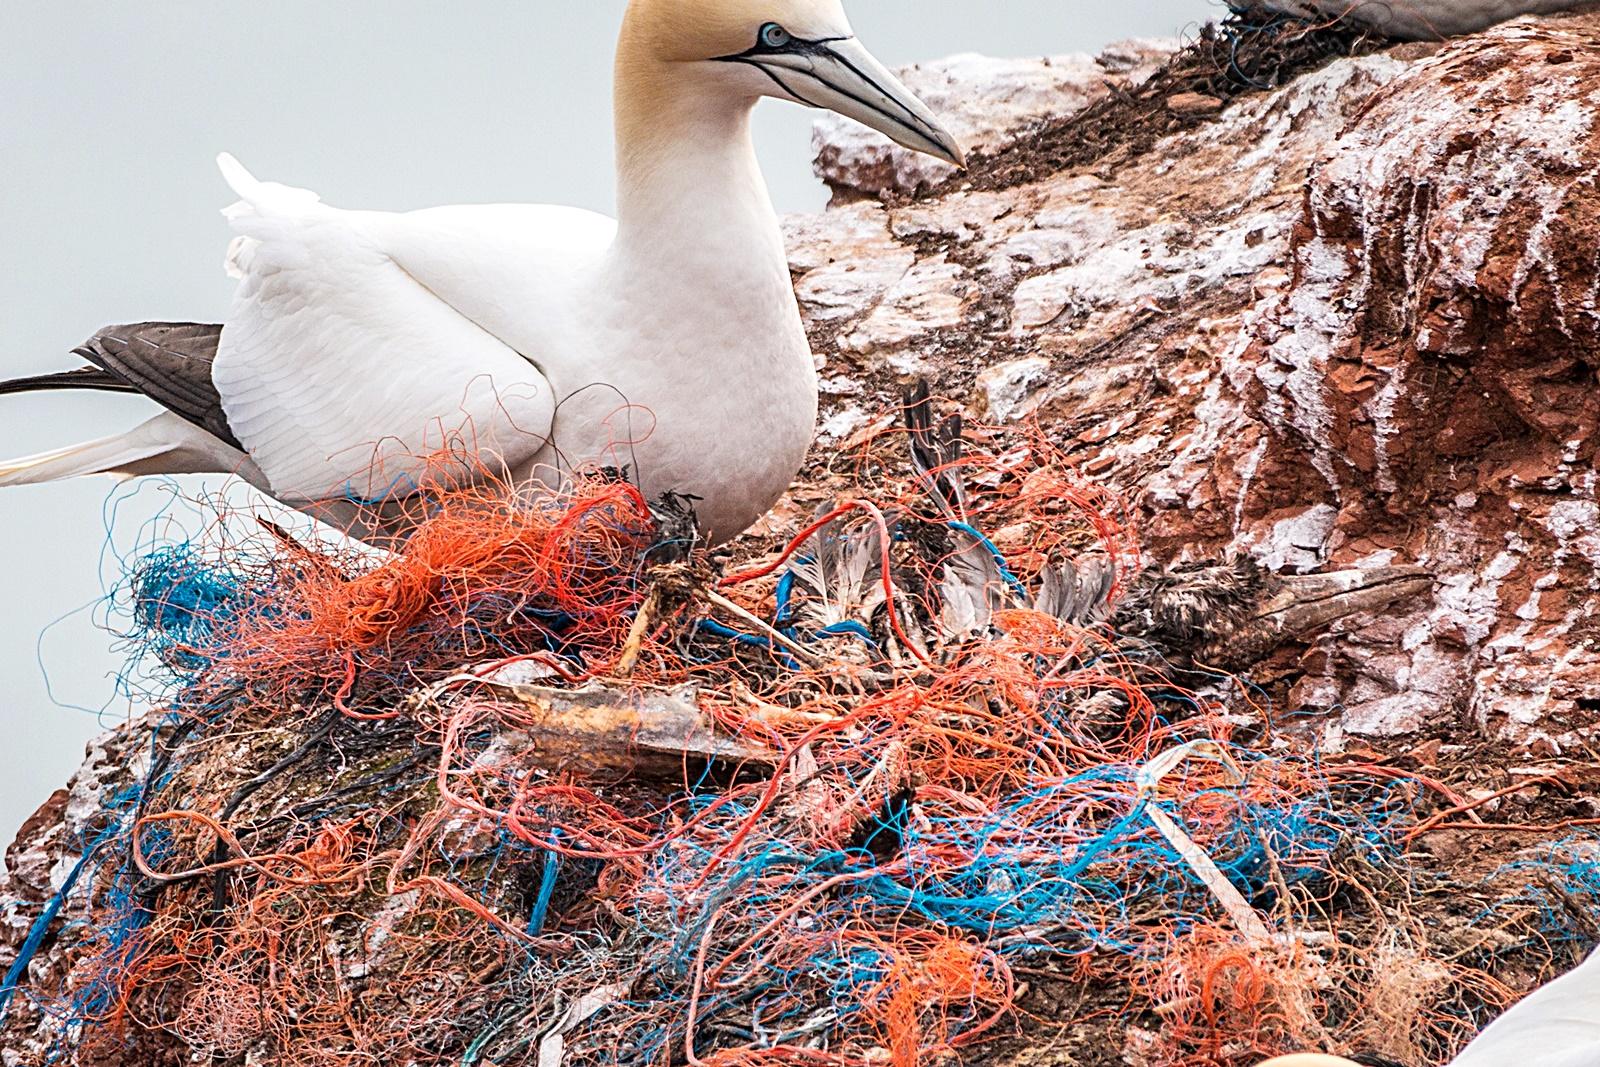 조류 서식지의 어망 쓰레기